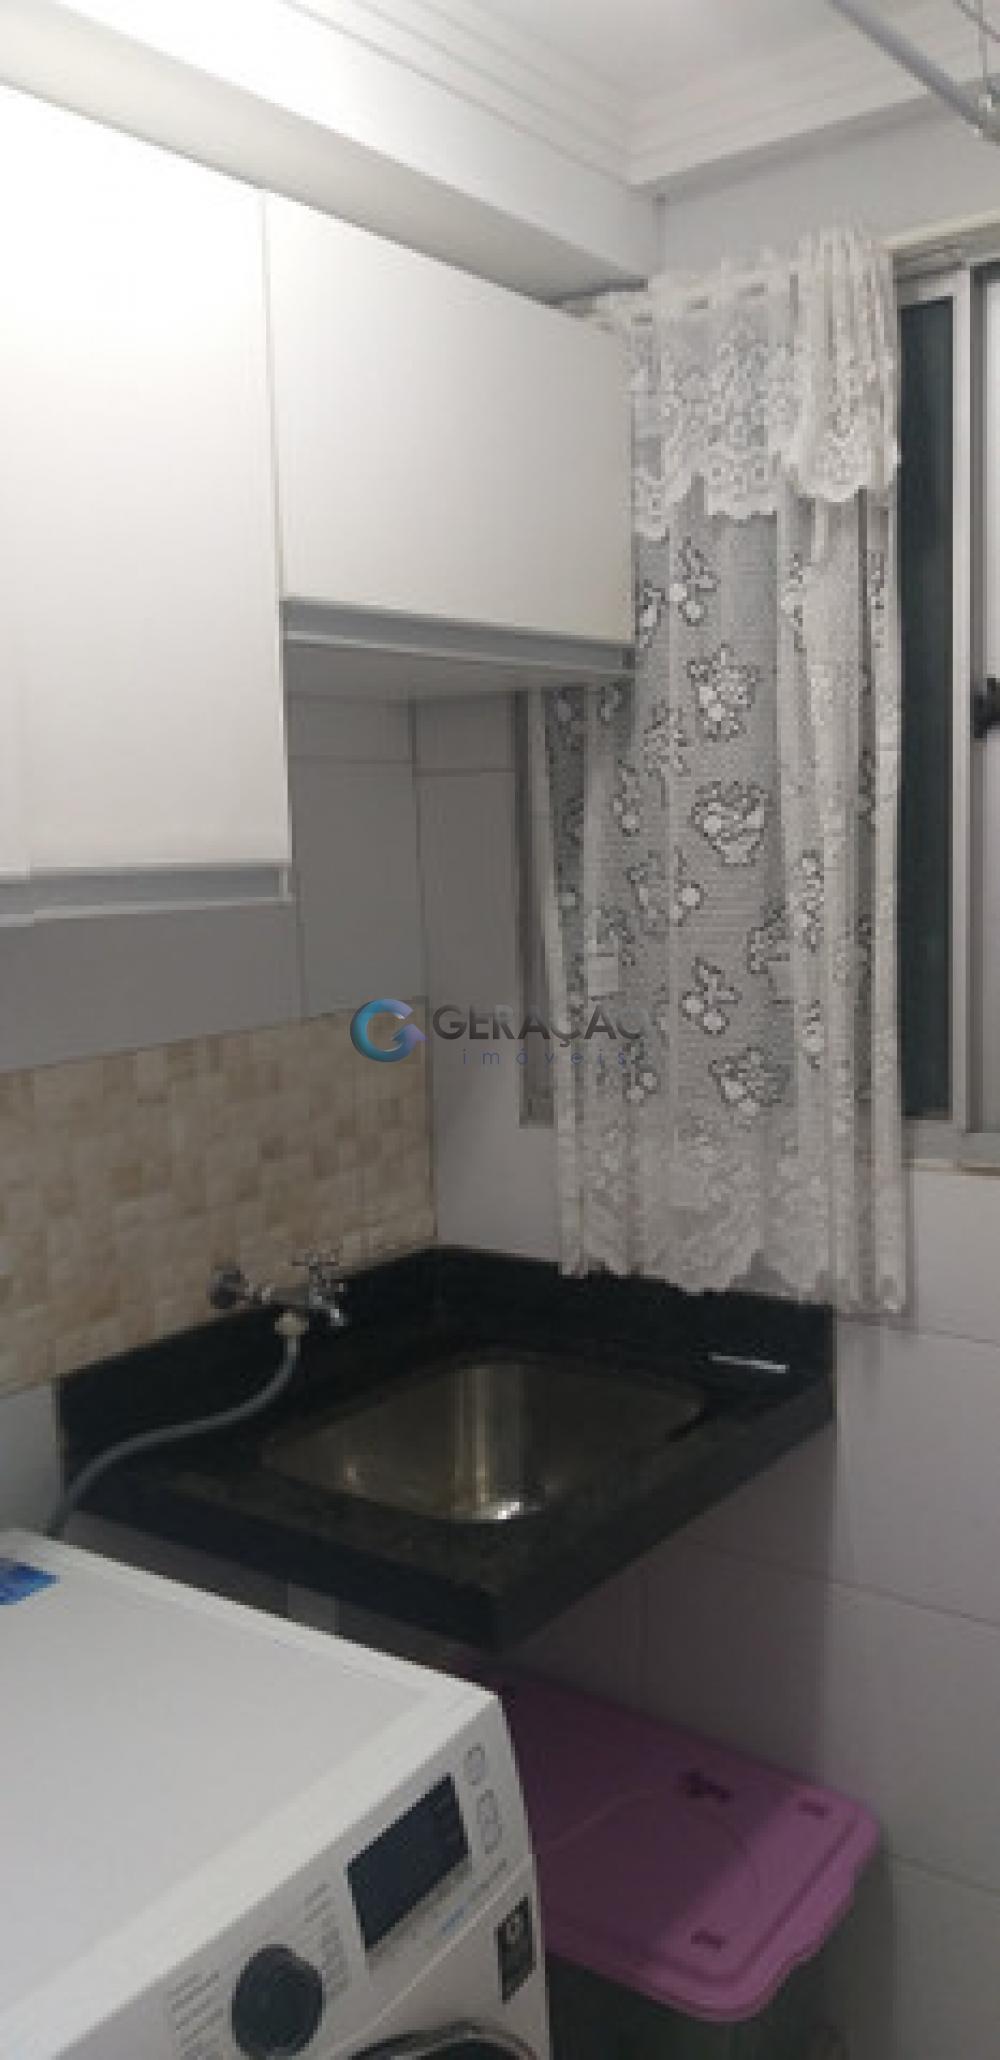 Comprar Apartamento / Padrão em São José dos Campos apenas R$ 285.000,00 - Foto 5